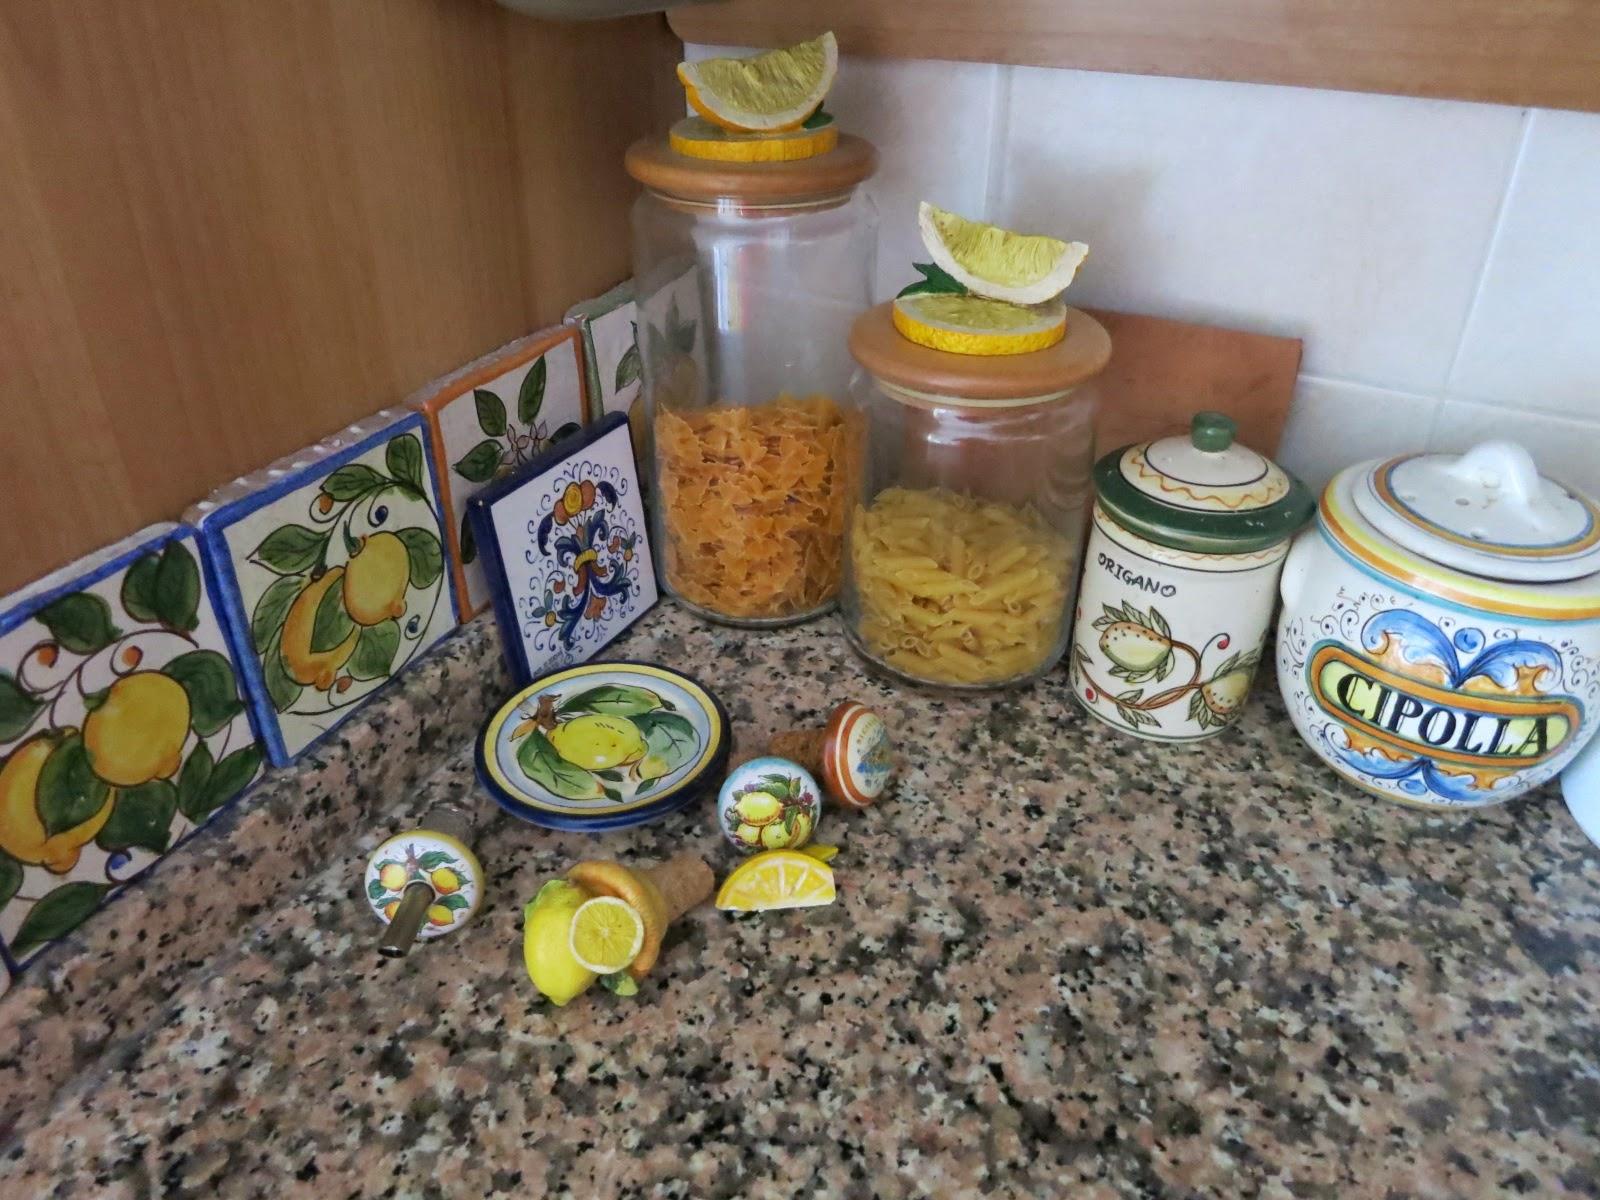 Crealò: i miei limoni